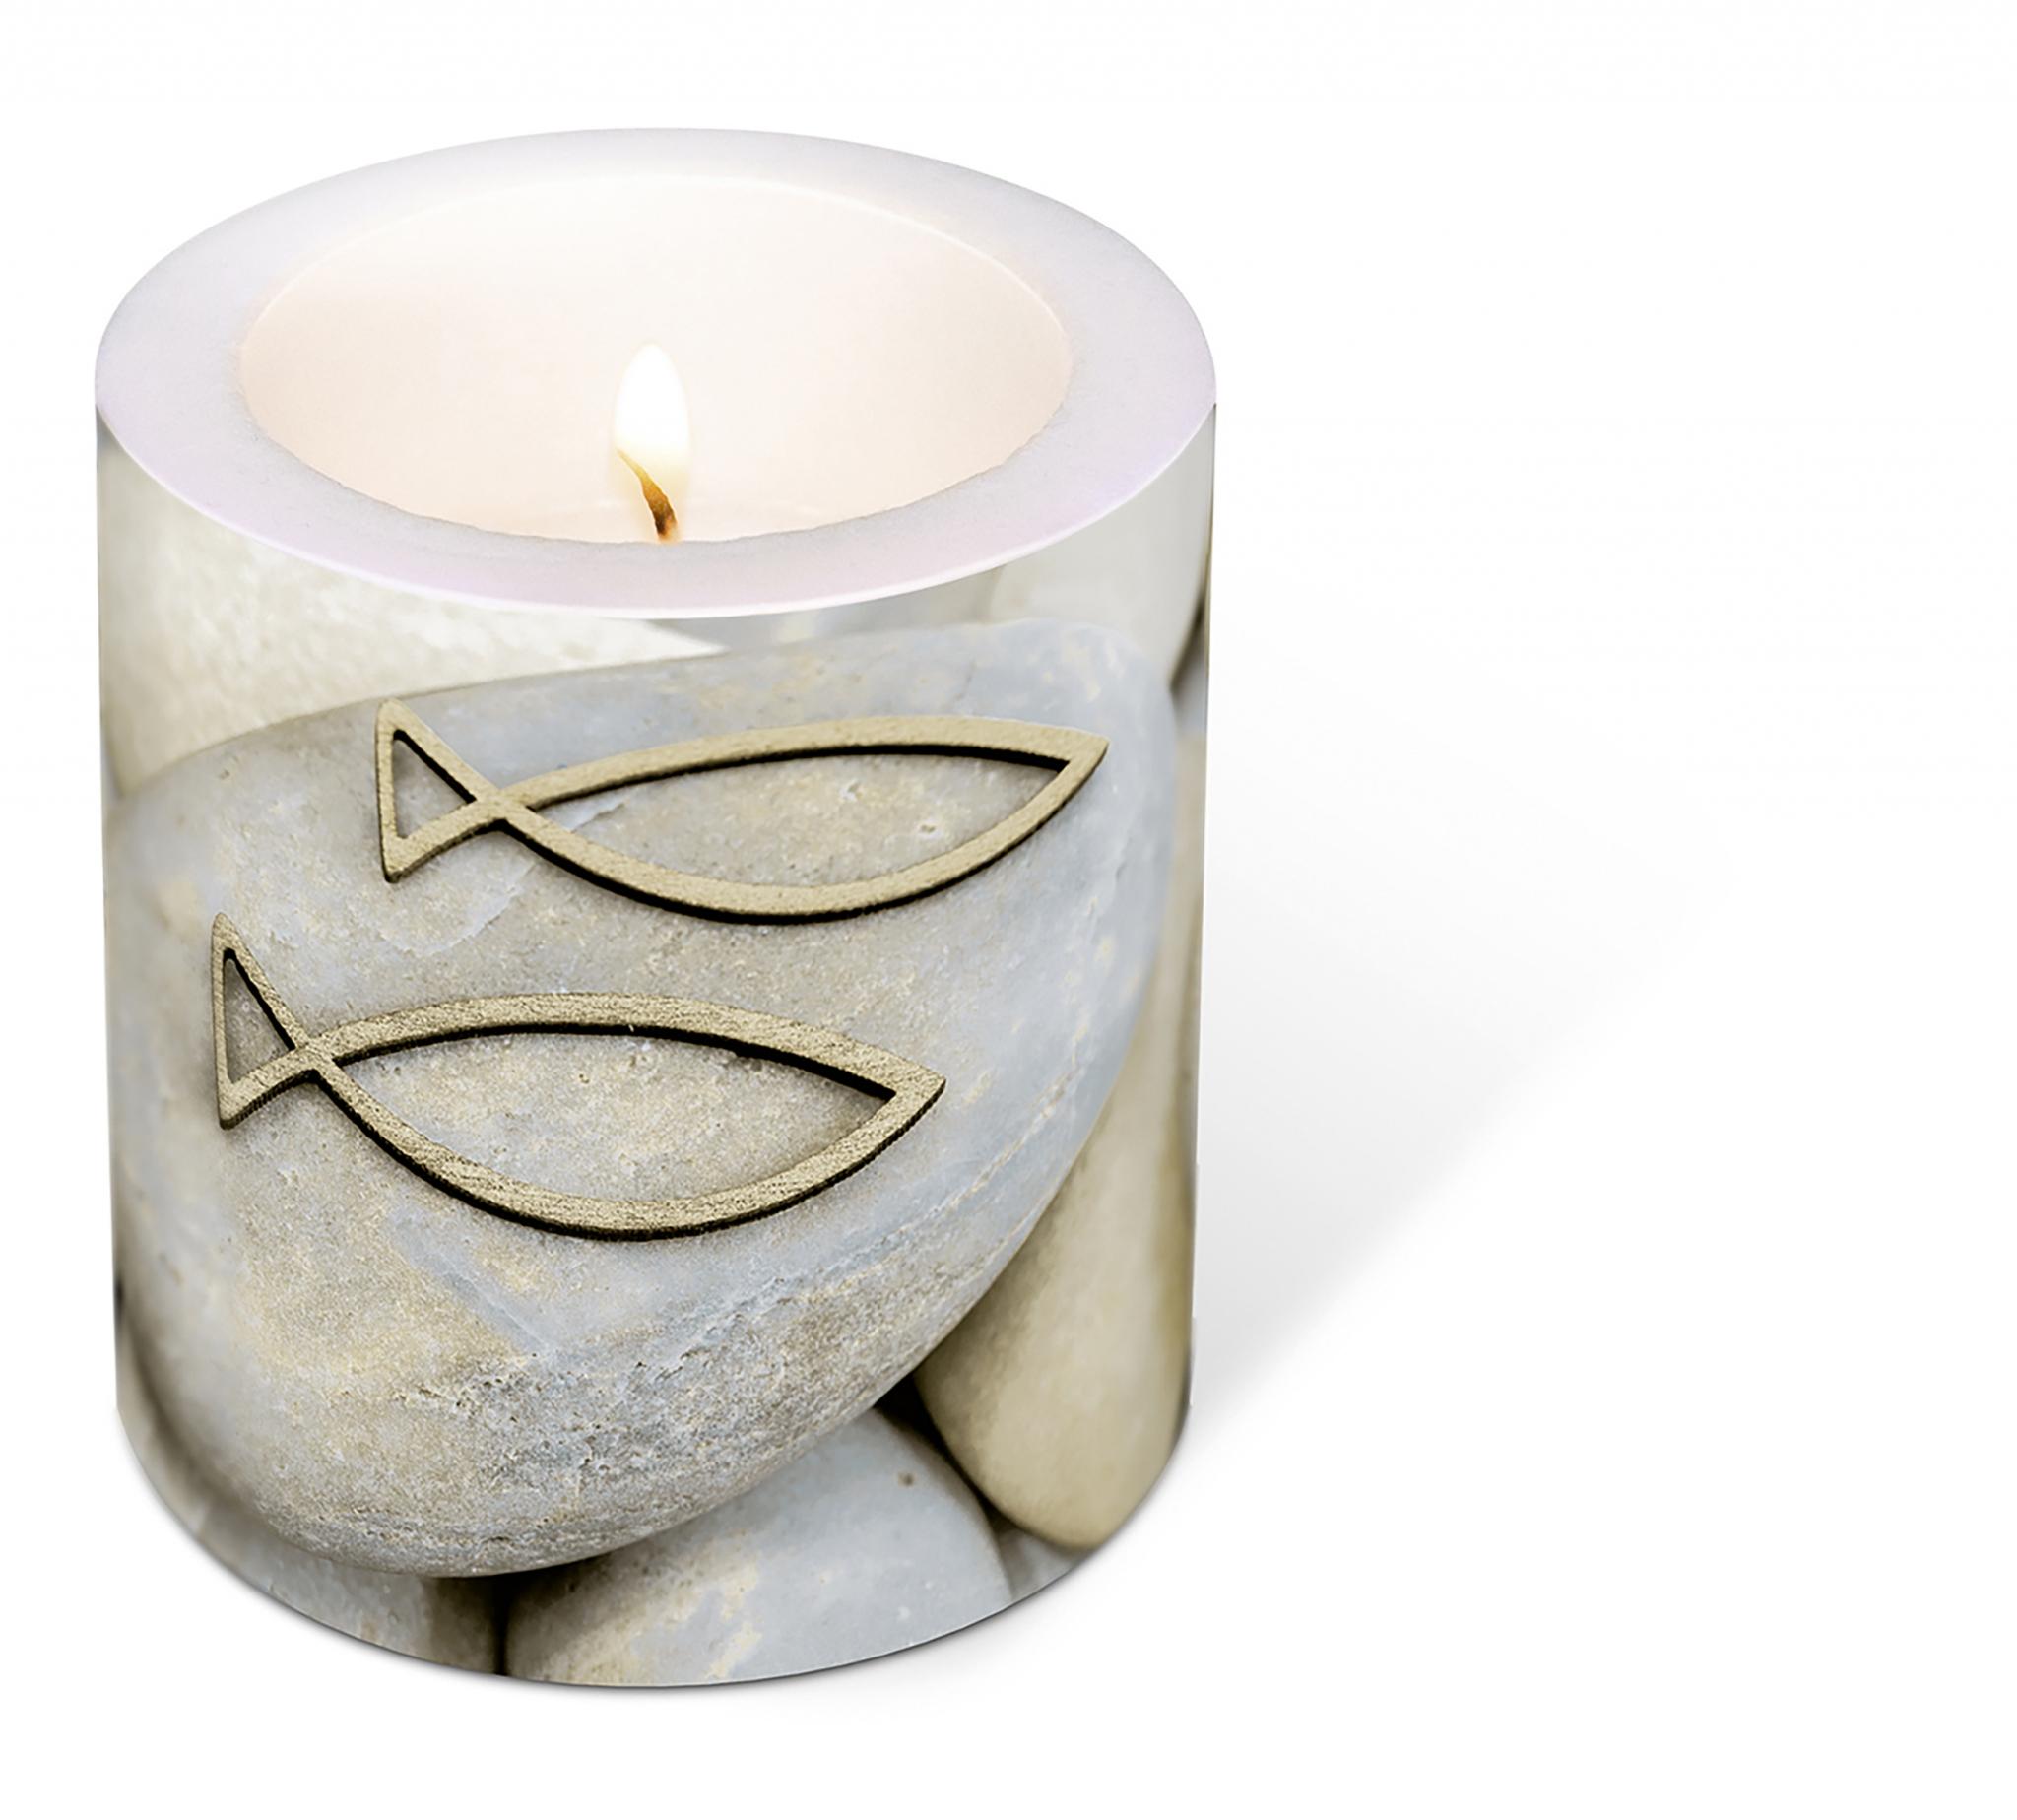 装饰蜡烛 - Decision